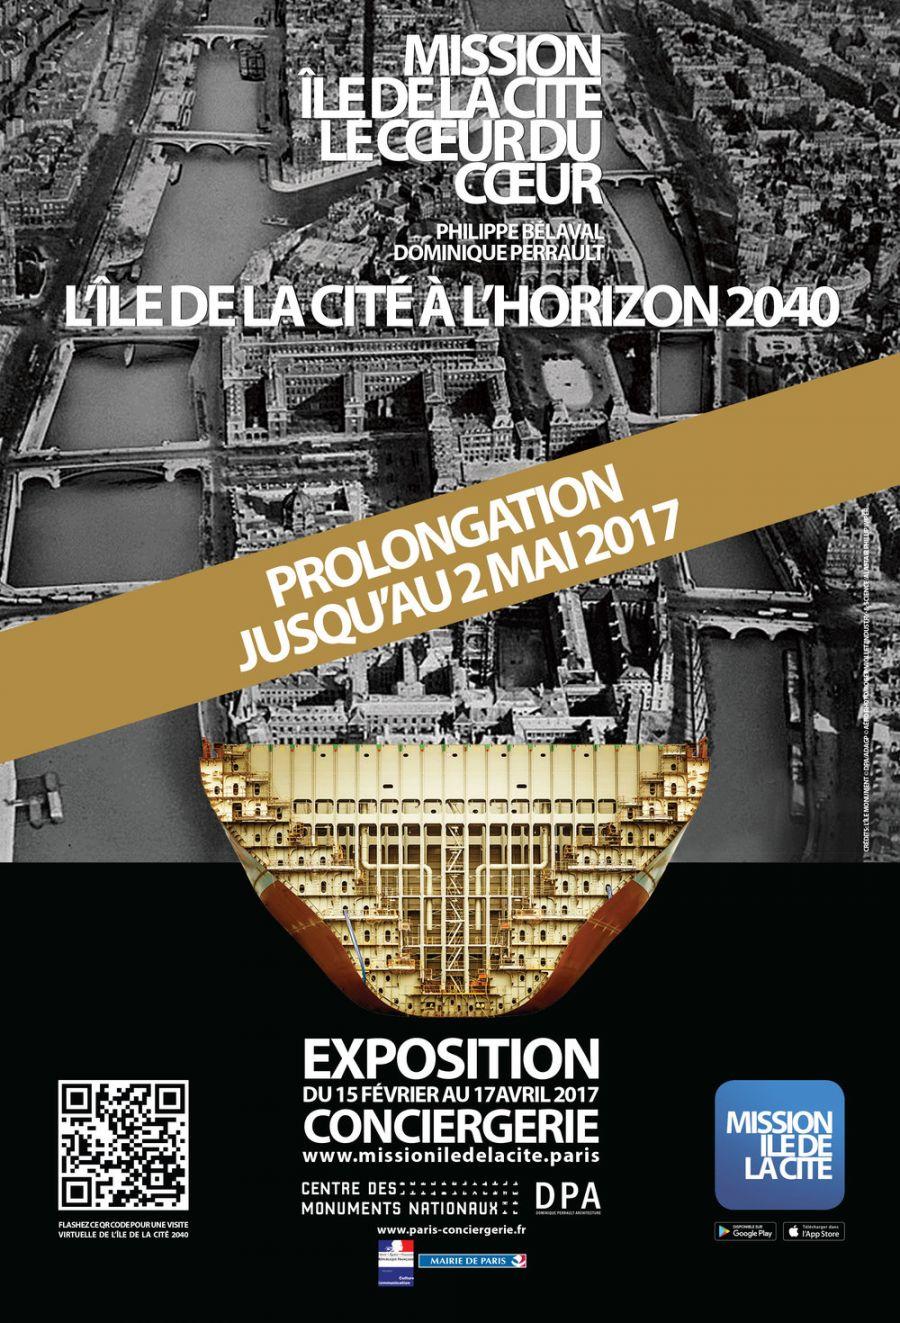 """Affiche de l'exposition """"Mission Île de la Cité"""" à la Conciergerie"""